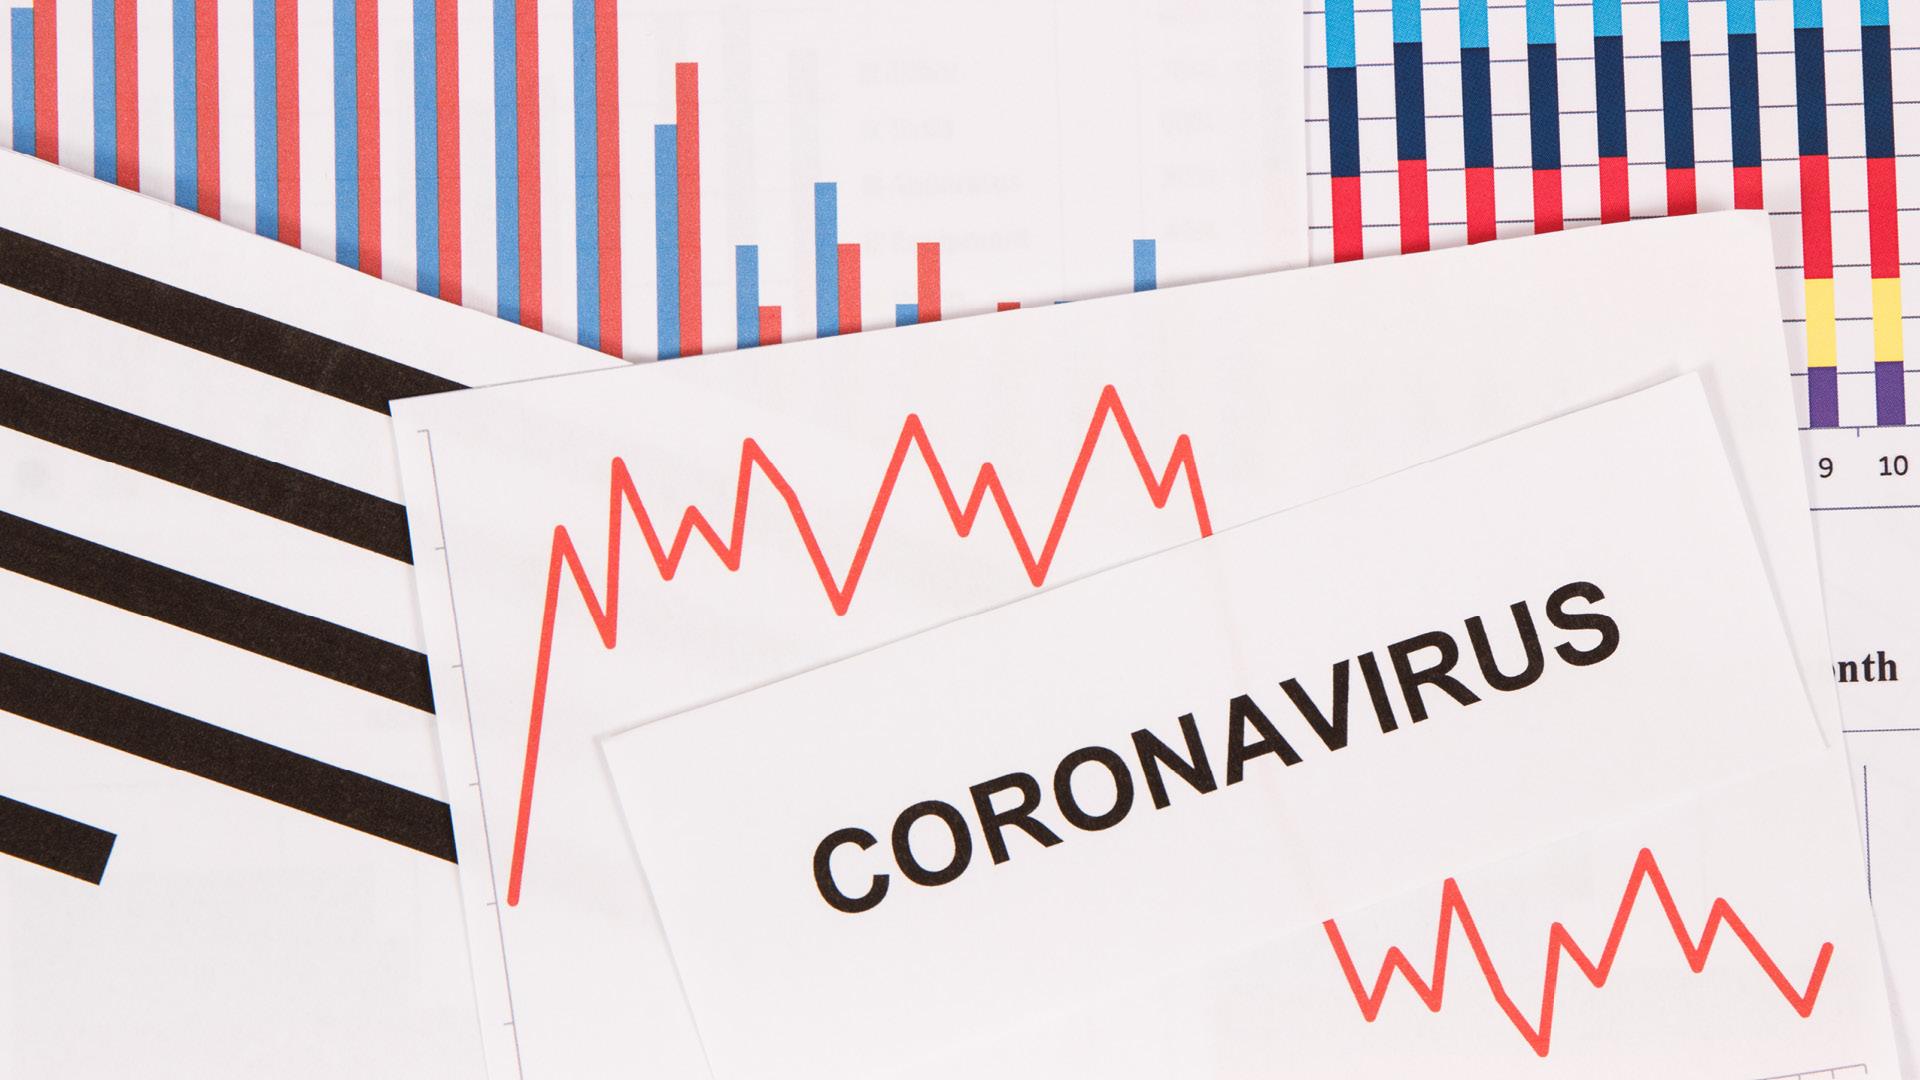 המשבר הכלכלי בעקבות הקורונה: איך לעבור אותו בשלום בלי לעבור על החוק